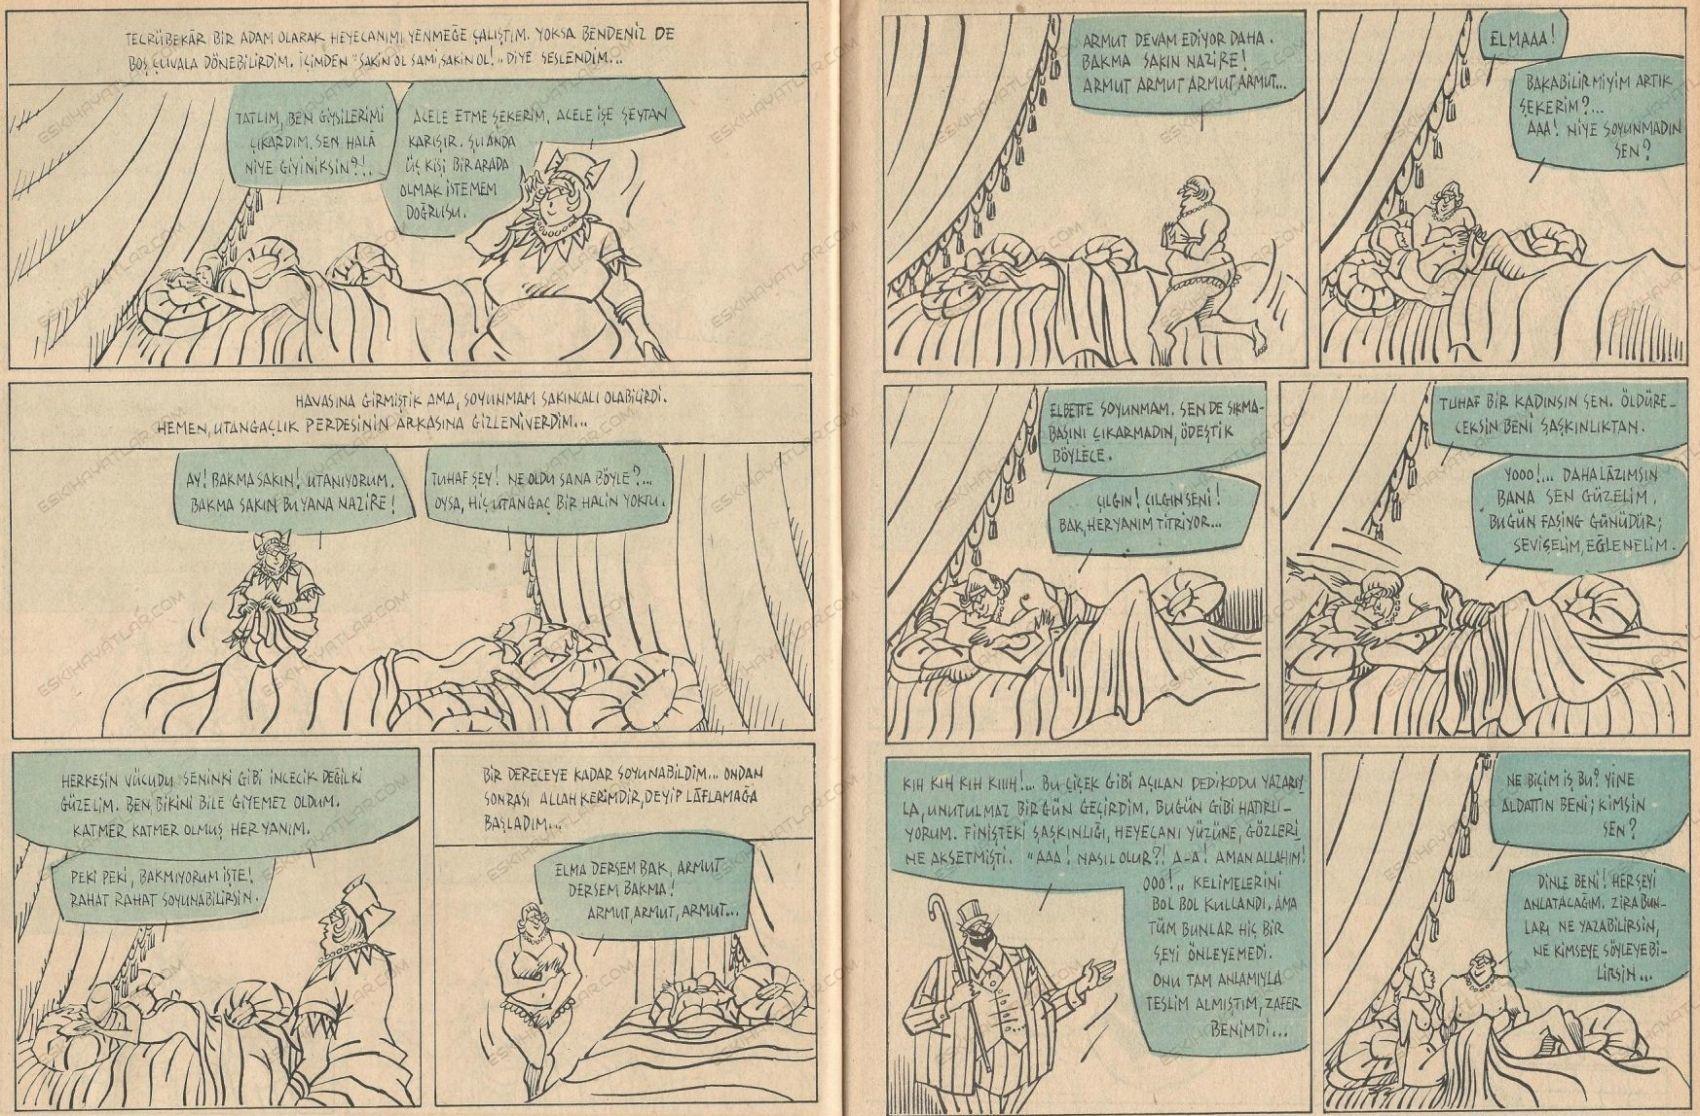 0177-abdulcanbaz-kadin-nedir-senin-adin-turhan-selcuk-milliyet-yayinlari (11)